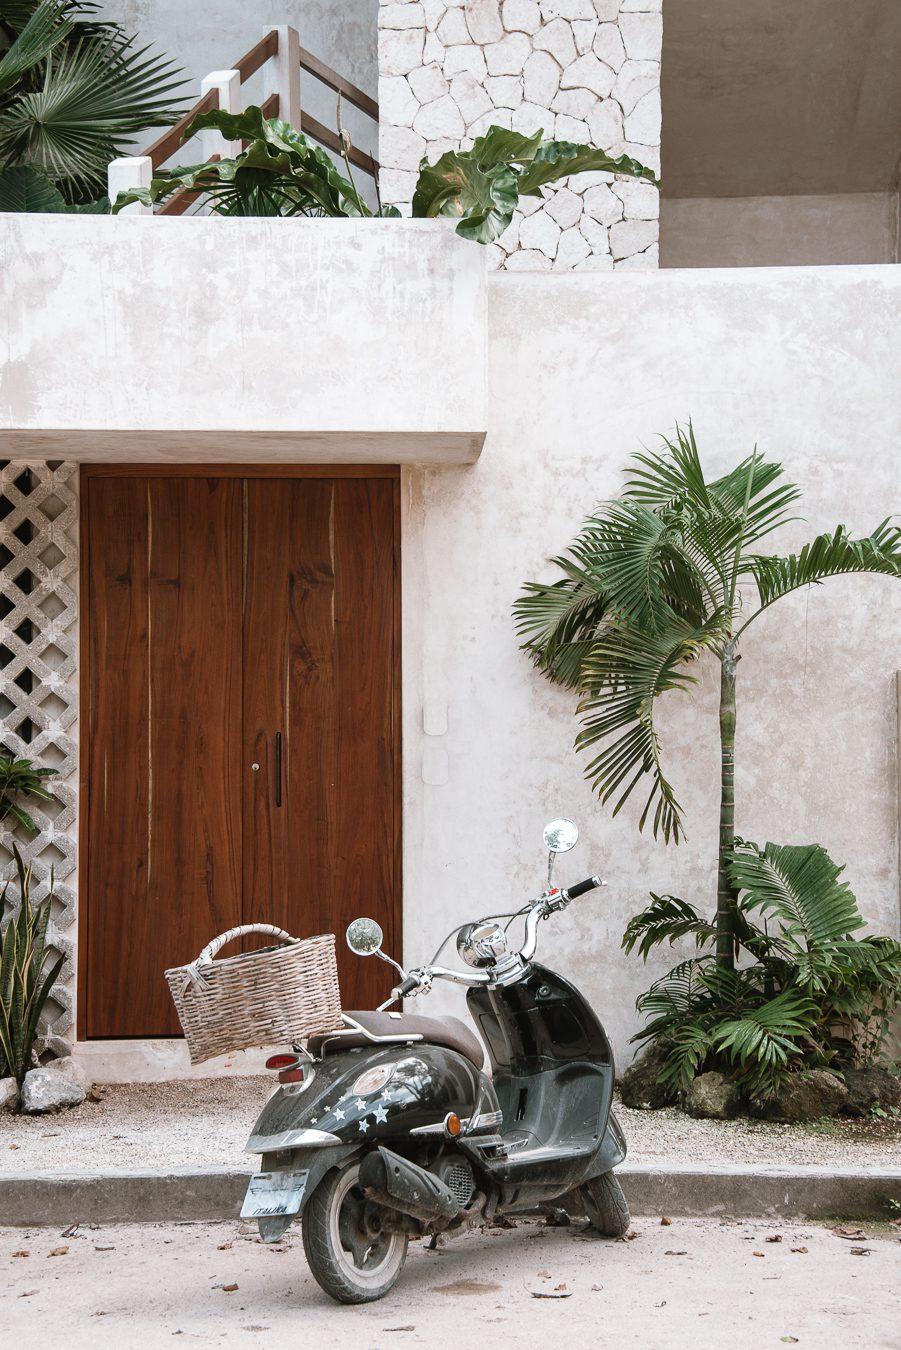 motorbike and doorway in La veleta Tulum